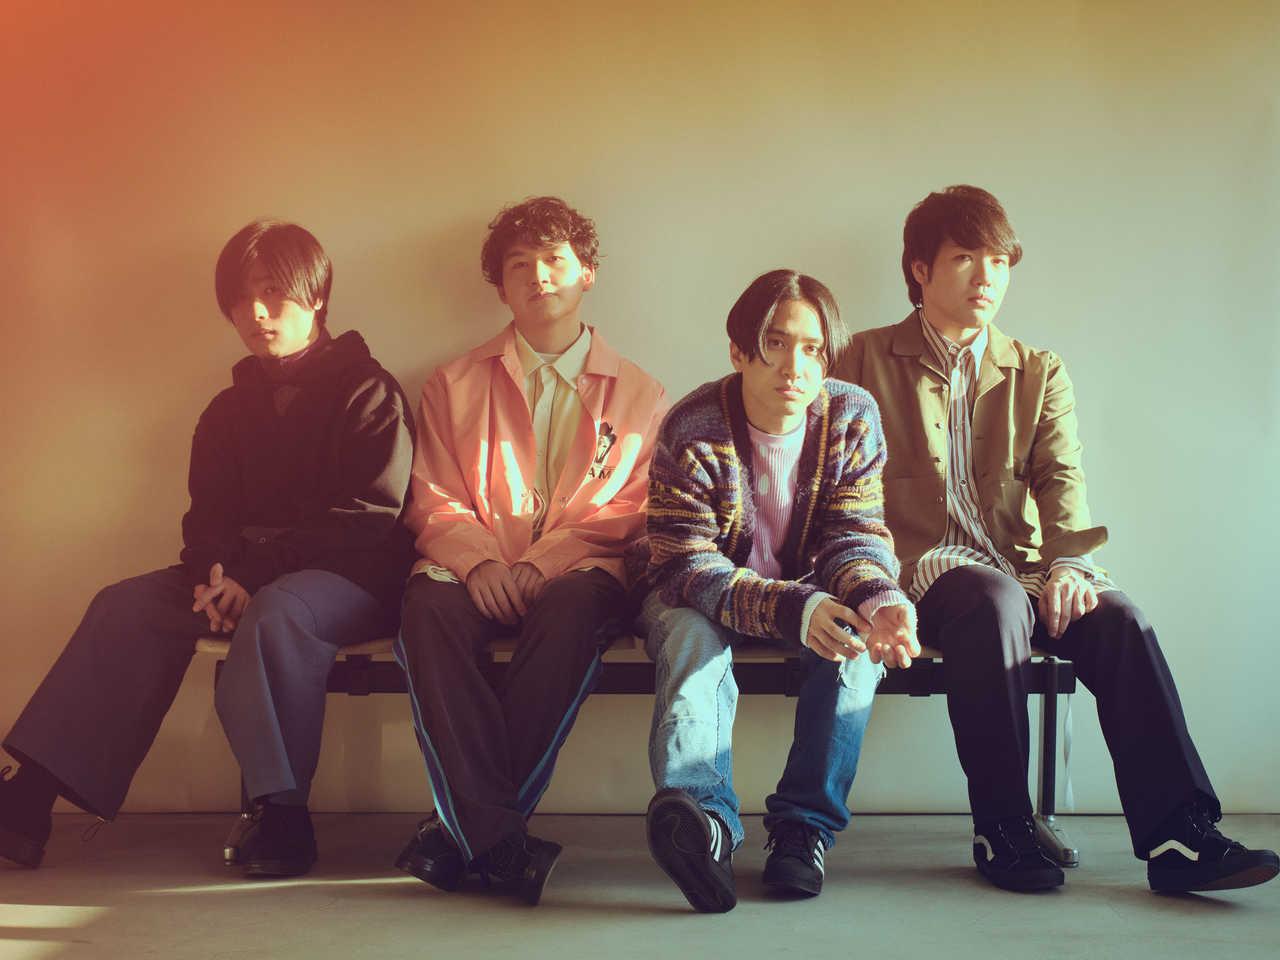 マカロニえんぴつ、大正製薬「コパトーン」CMソングに新曲「八月の陽炎」を書き下ろし!